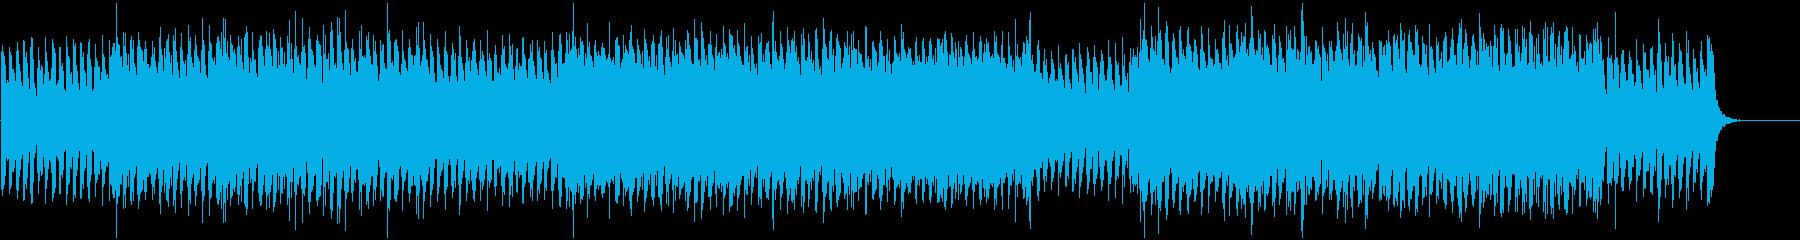 接戦するバトルシーンの緊迫した劇伴の再生済みの波形